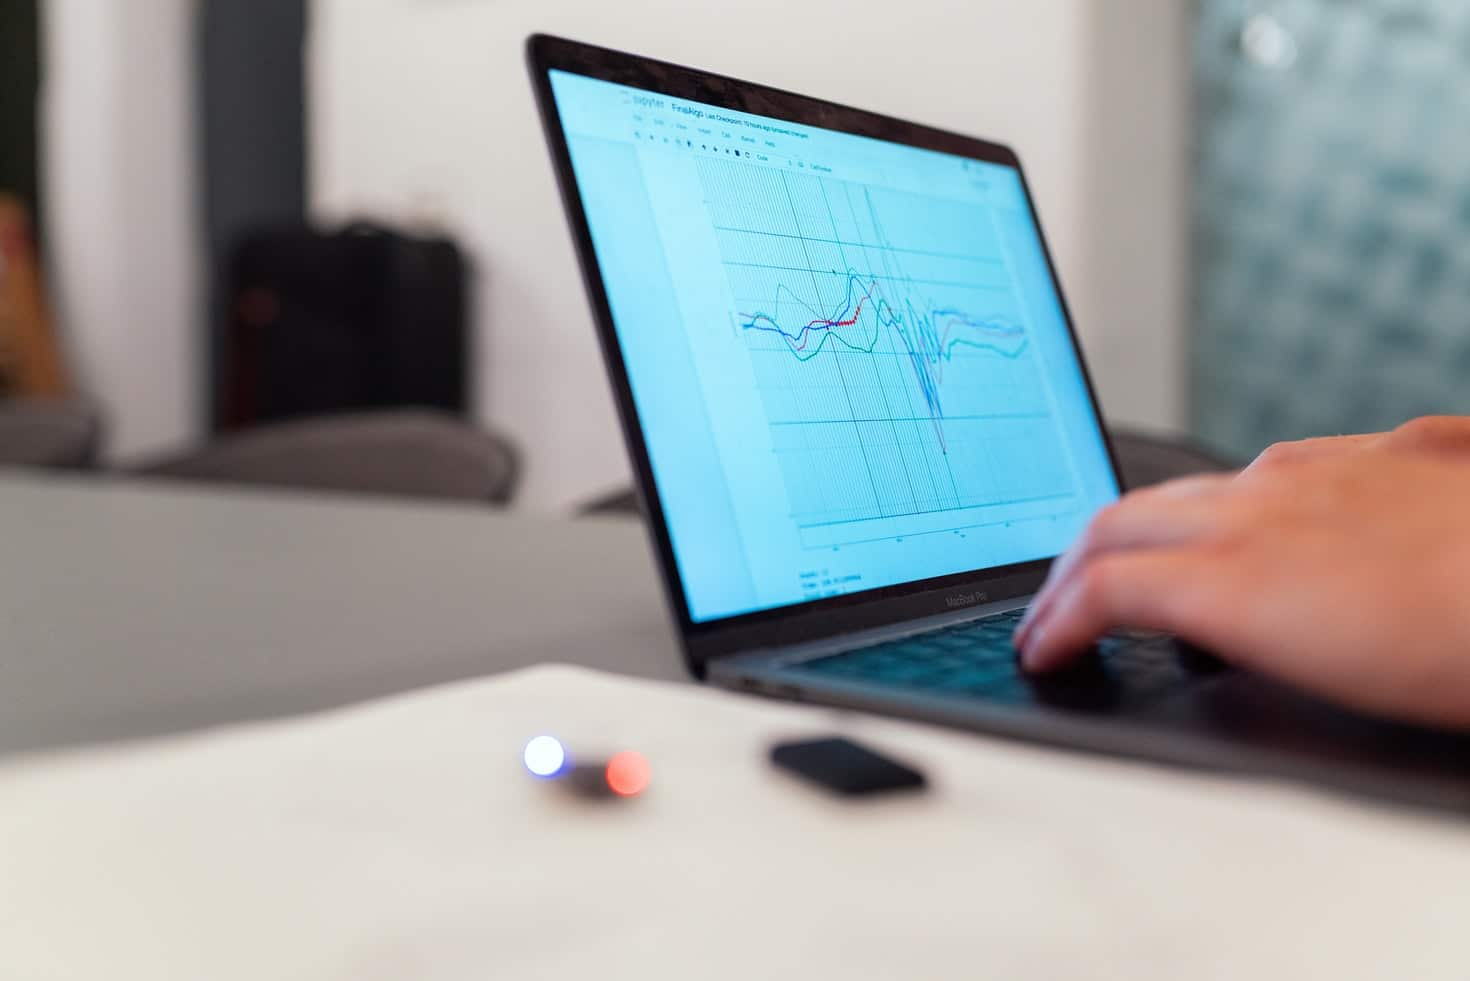 Laptop with graphs. Image source: https://unsplash.com/photos/f4pUuCc3M0g